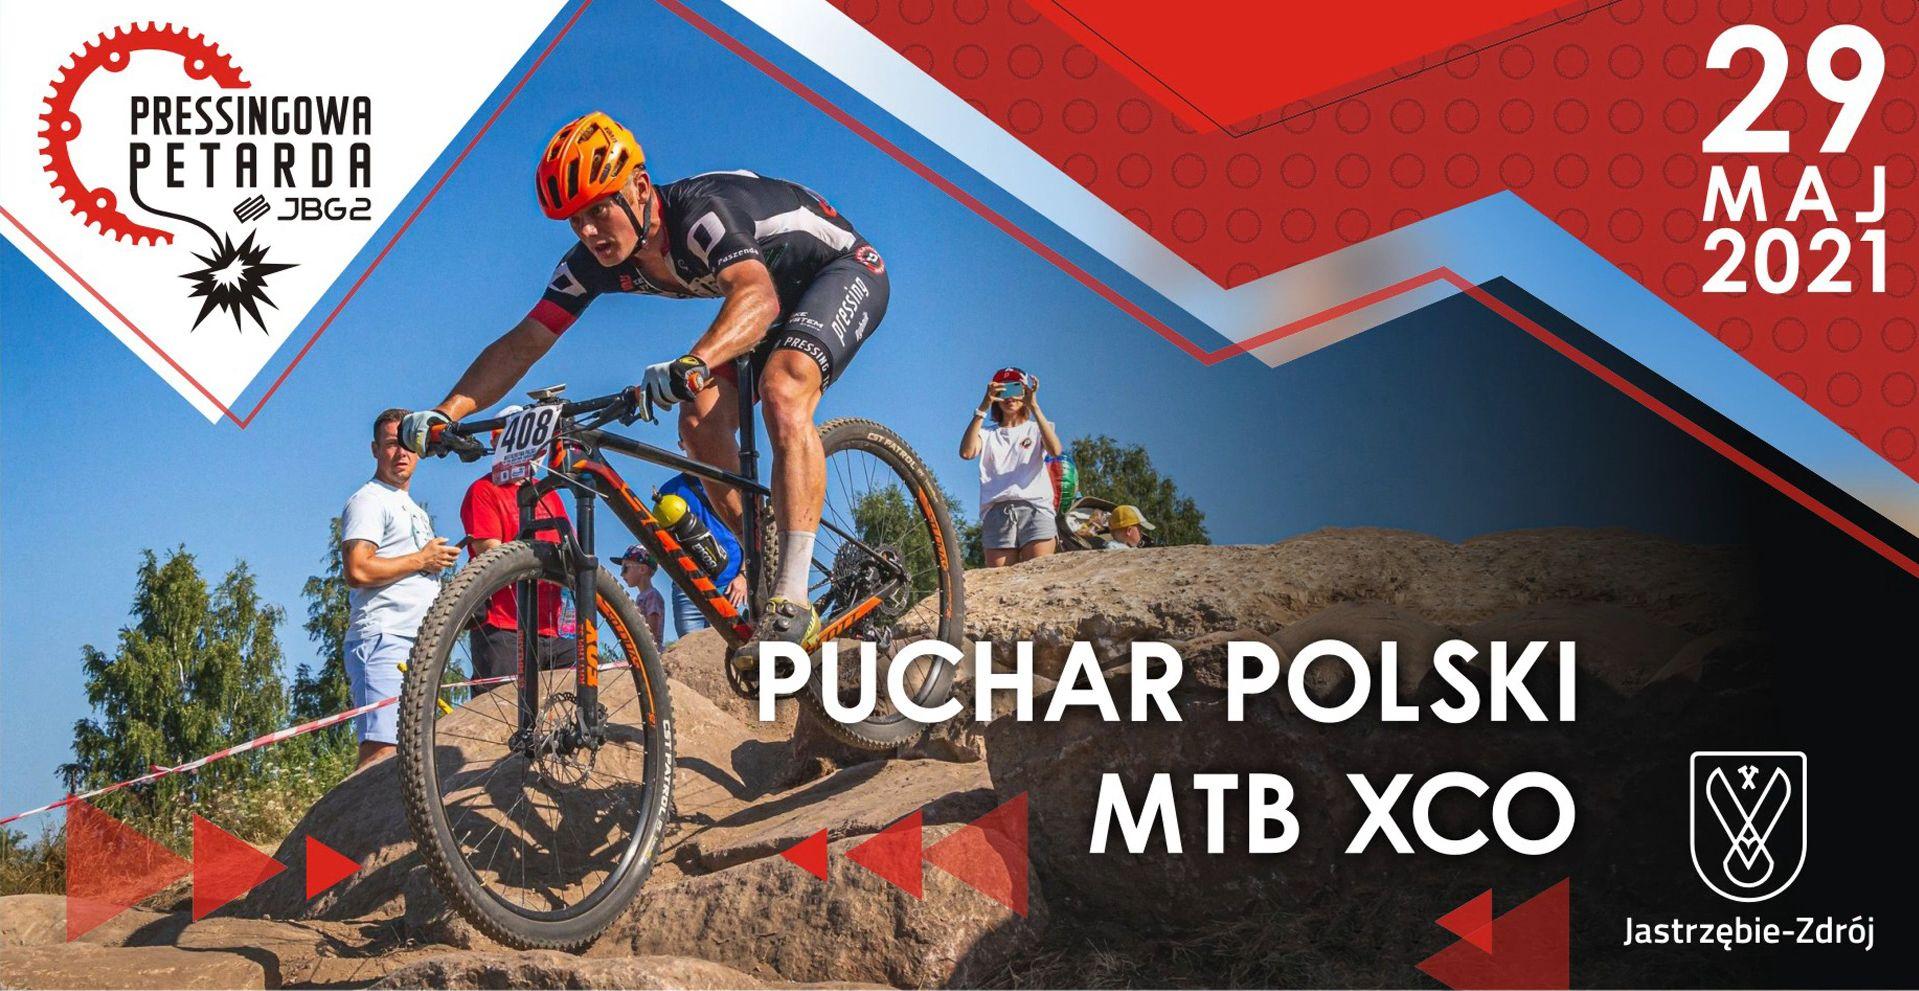 Już w sobotę JBG-2 Pressingowa Petarda   Puchar Polski MTB XCO, Jastrzębie Zdrój